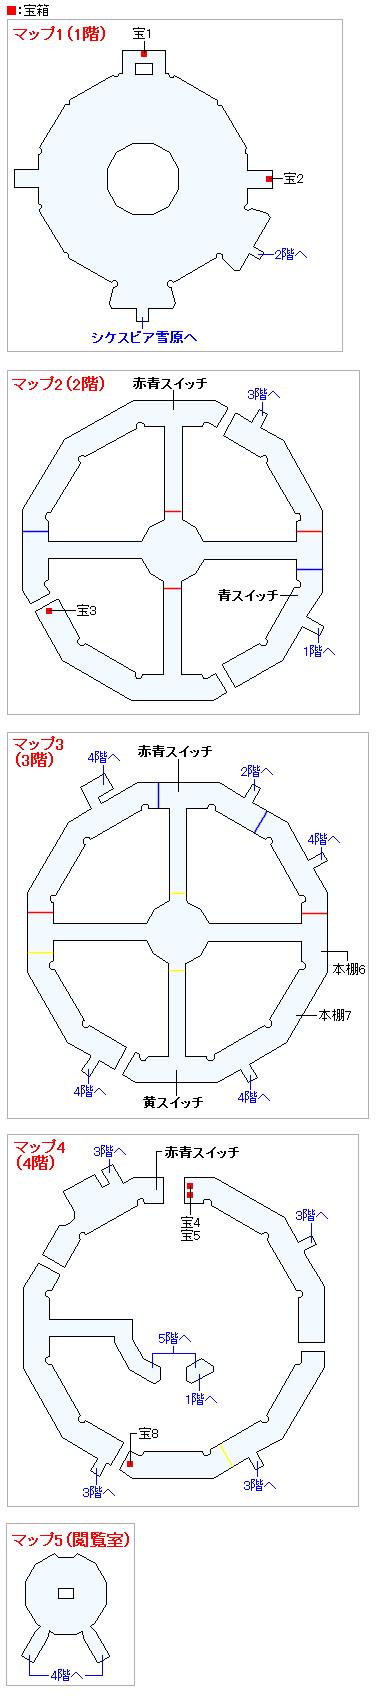 古代図書館(3DS・3Dモード)のマップ画像